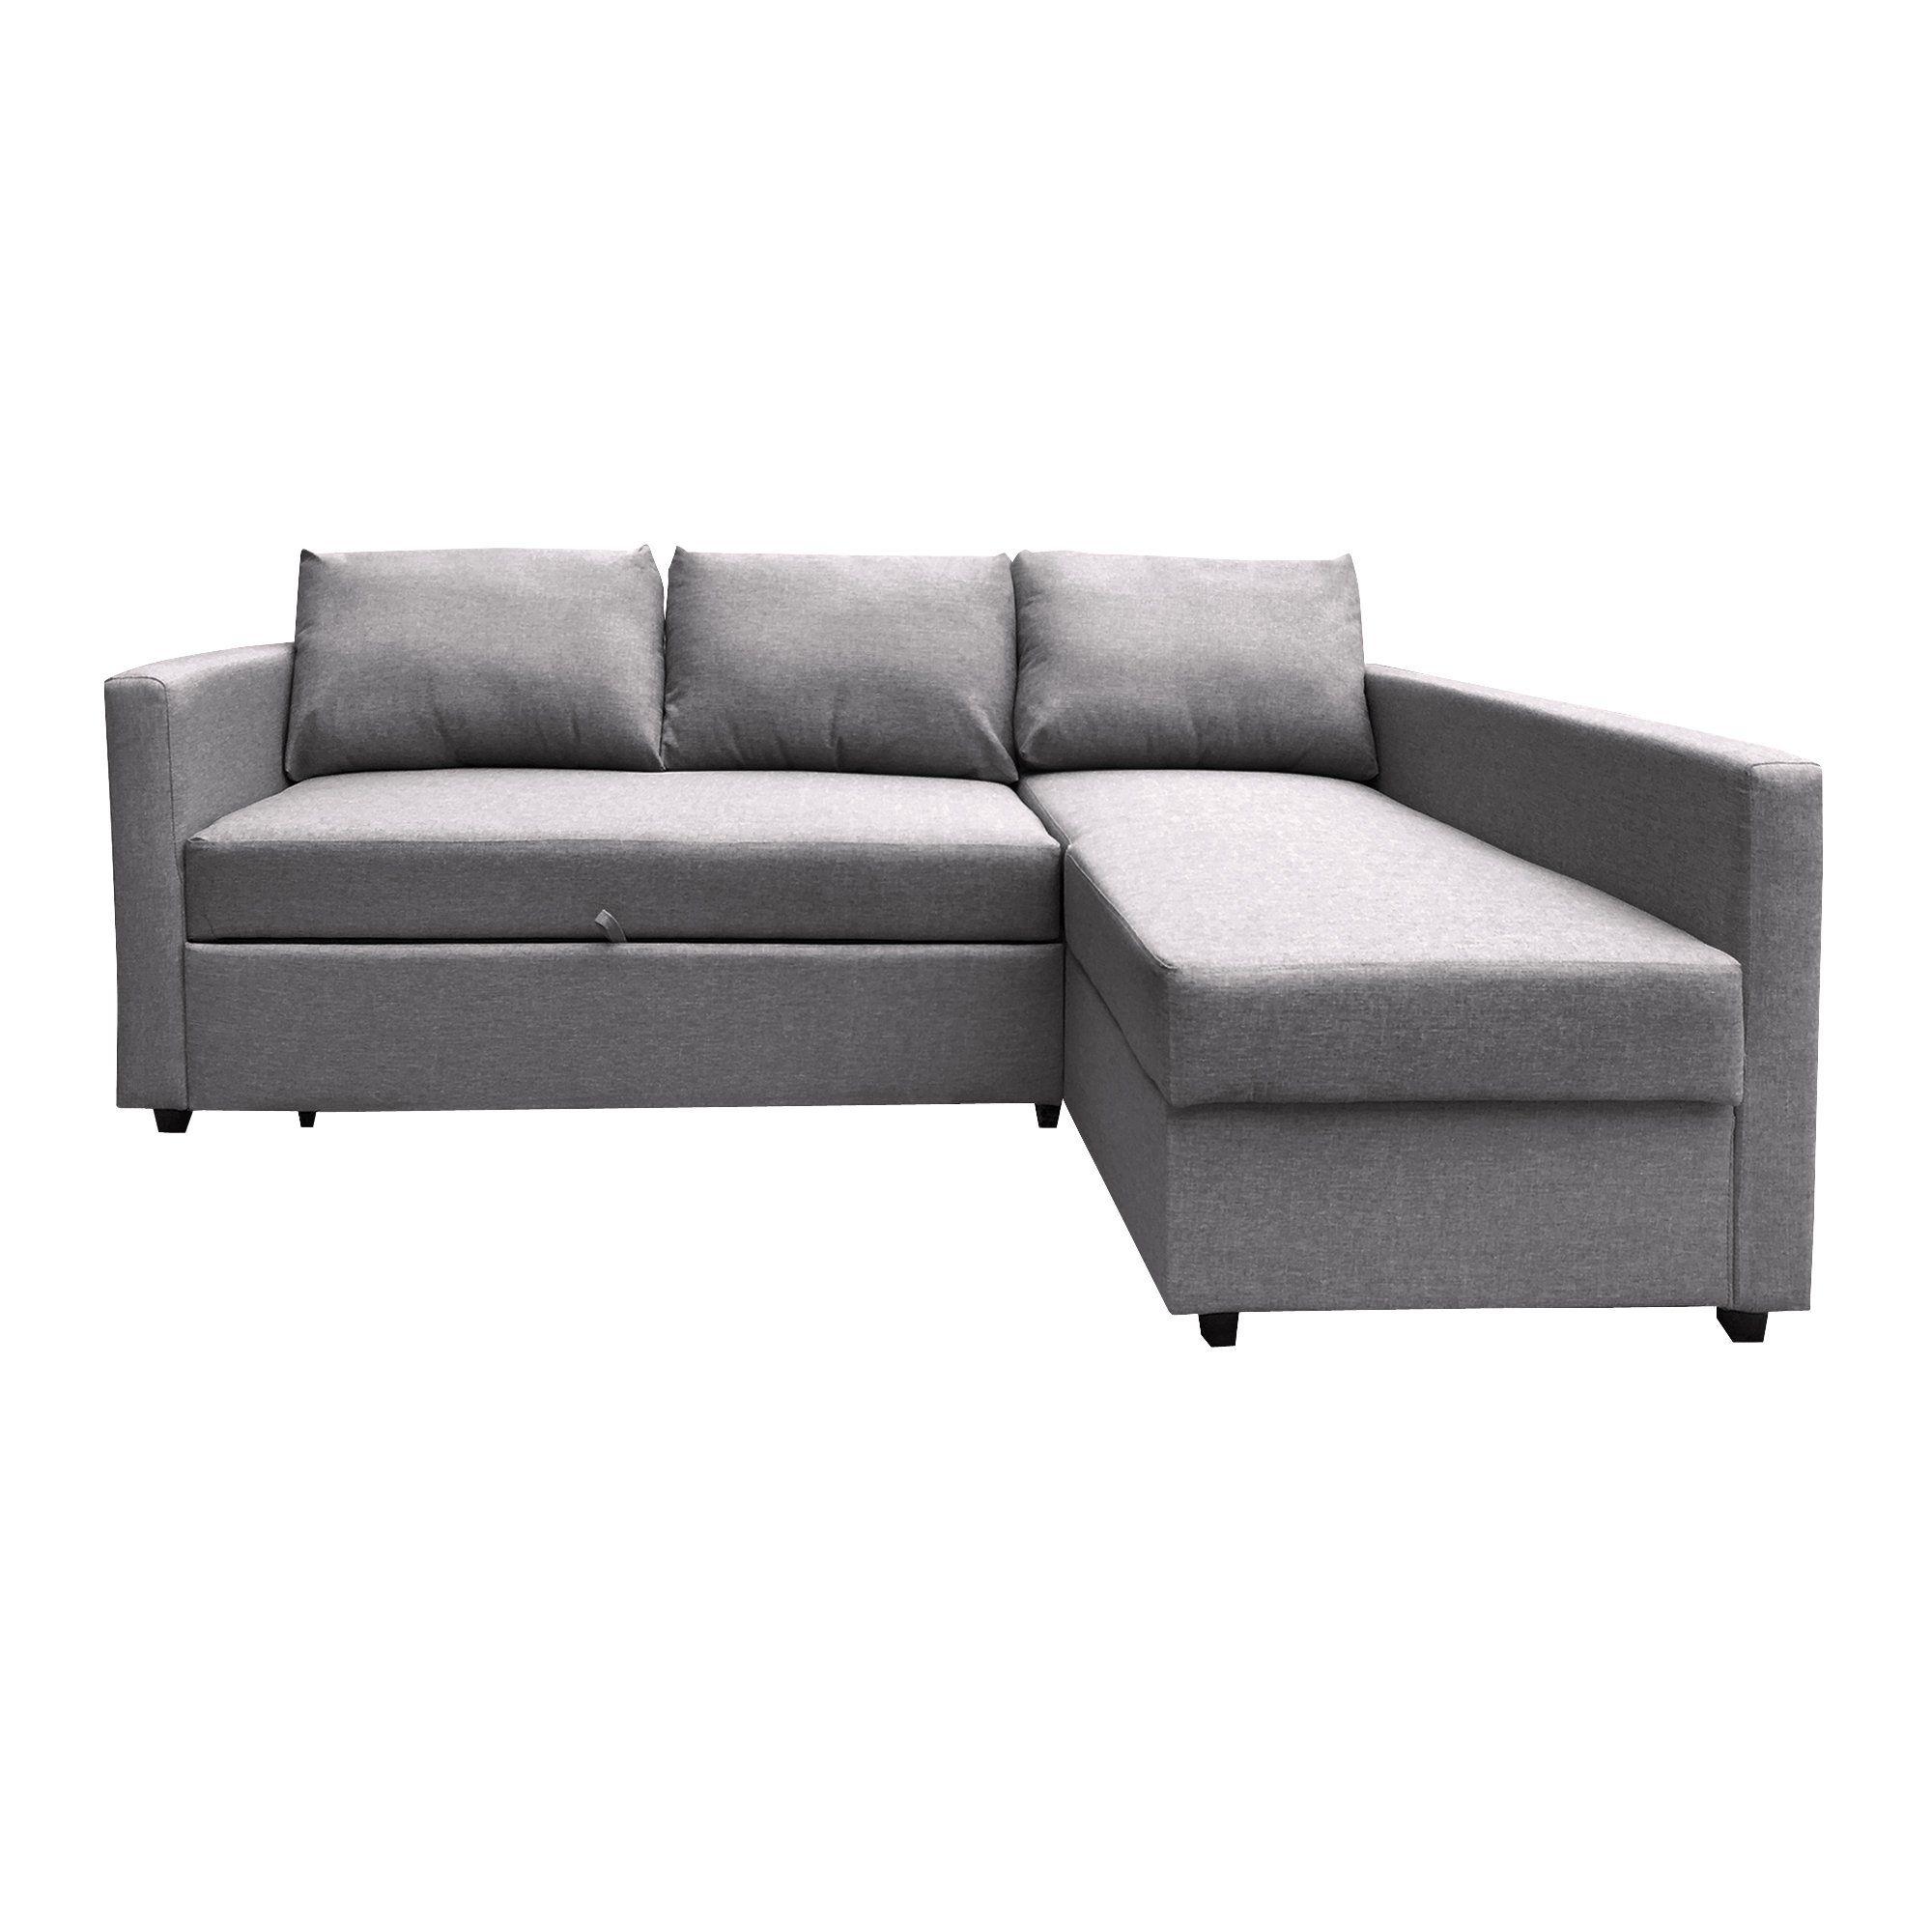 Furniture 247 3 Sitzer L F Rmige Schlafcouch In 2020 Polsterecke Schlafcouch Schlafsofa Mit Bettkasten